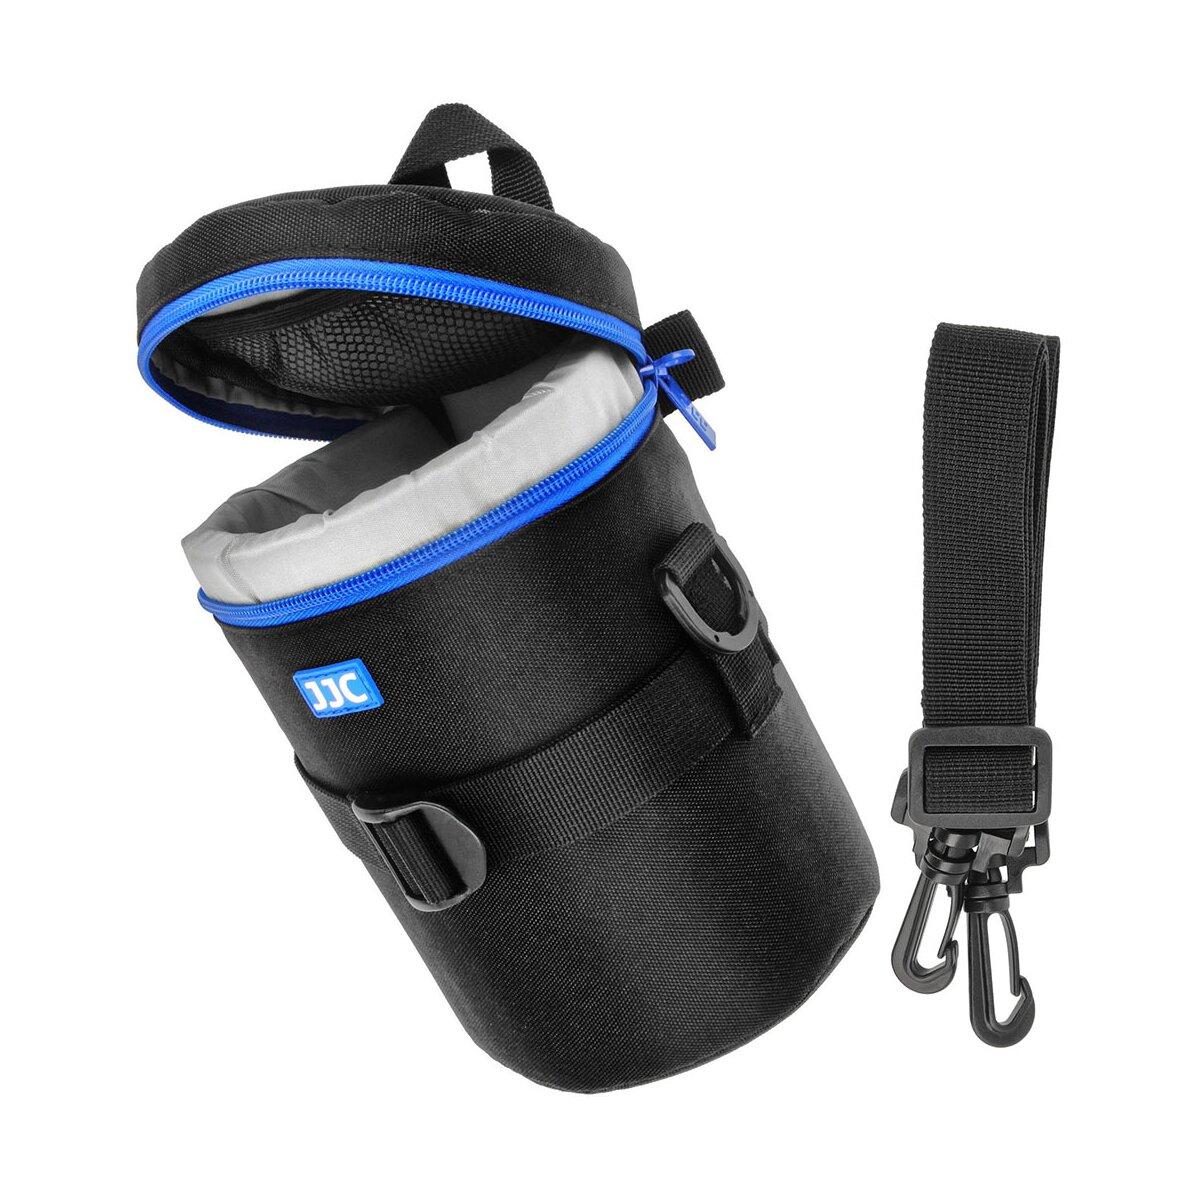 Objektivtasche Objektivköcher Objektivbeutel für Kamera Objektive mit Schultergurt + Handgriff + Klettverschluss für den Gürtel – Innenmaß 100 x 170 mm – JJC Deluxe Lens Pouch DLP-4II